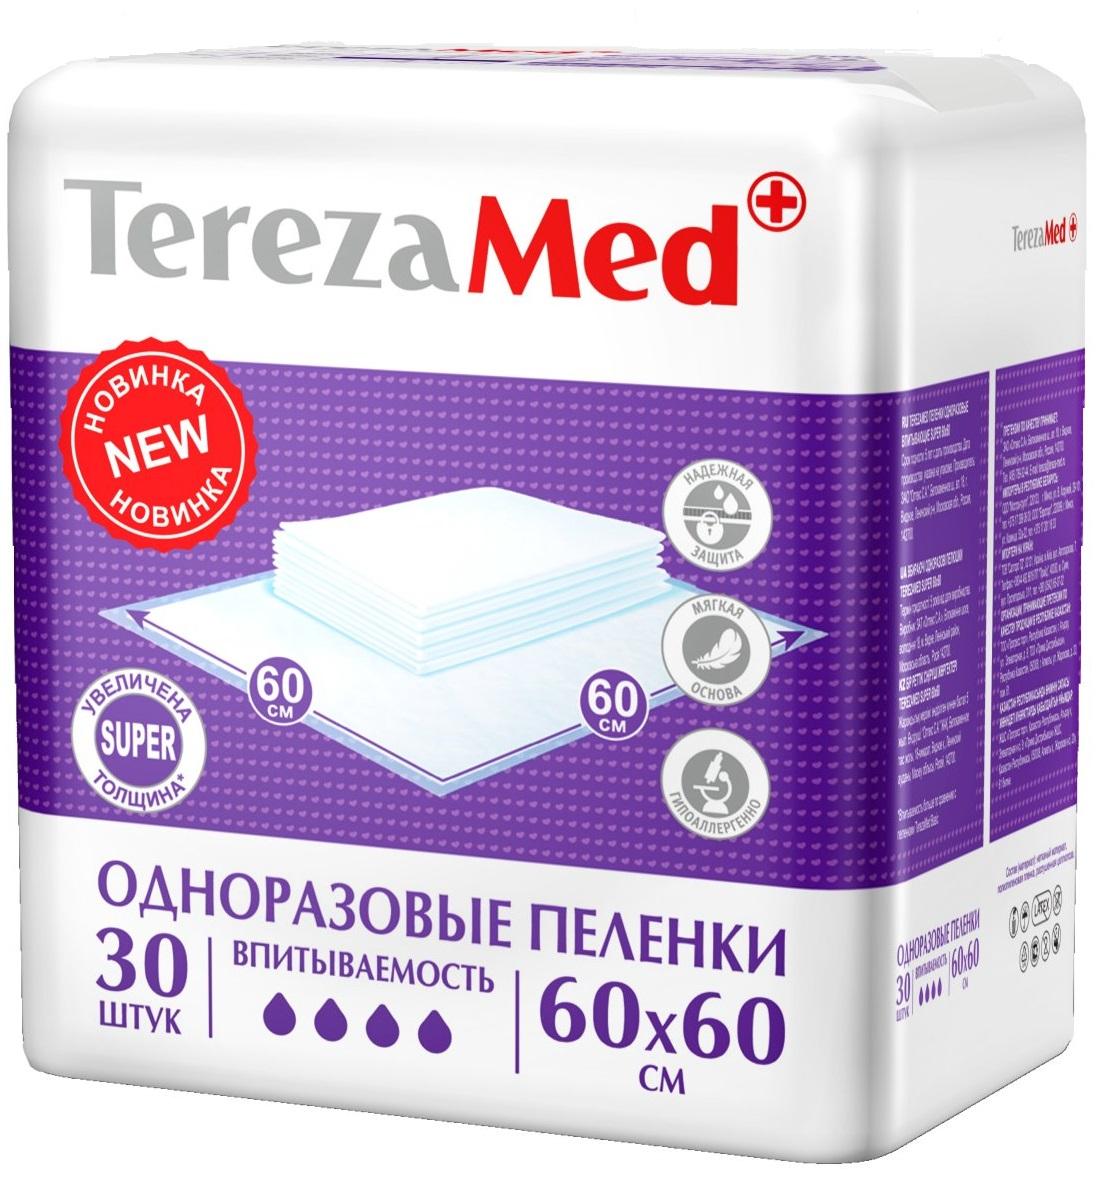 TerezaMed Пеленки одноразовые впитывающие Super 60 х 60 см 30 шт mepsi пеленки одноразовые впитывающие 60 х 60 см 5 шт